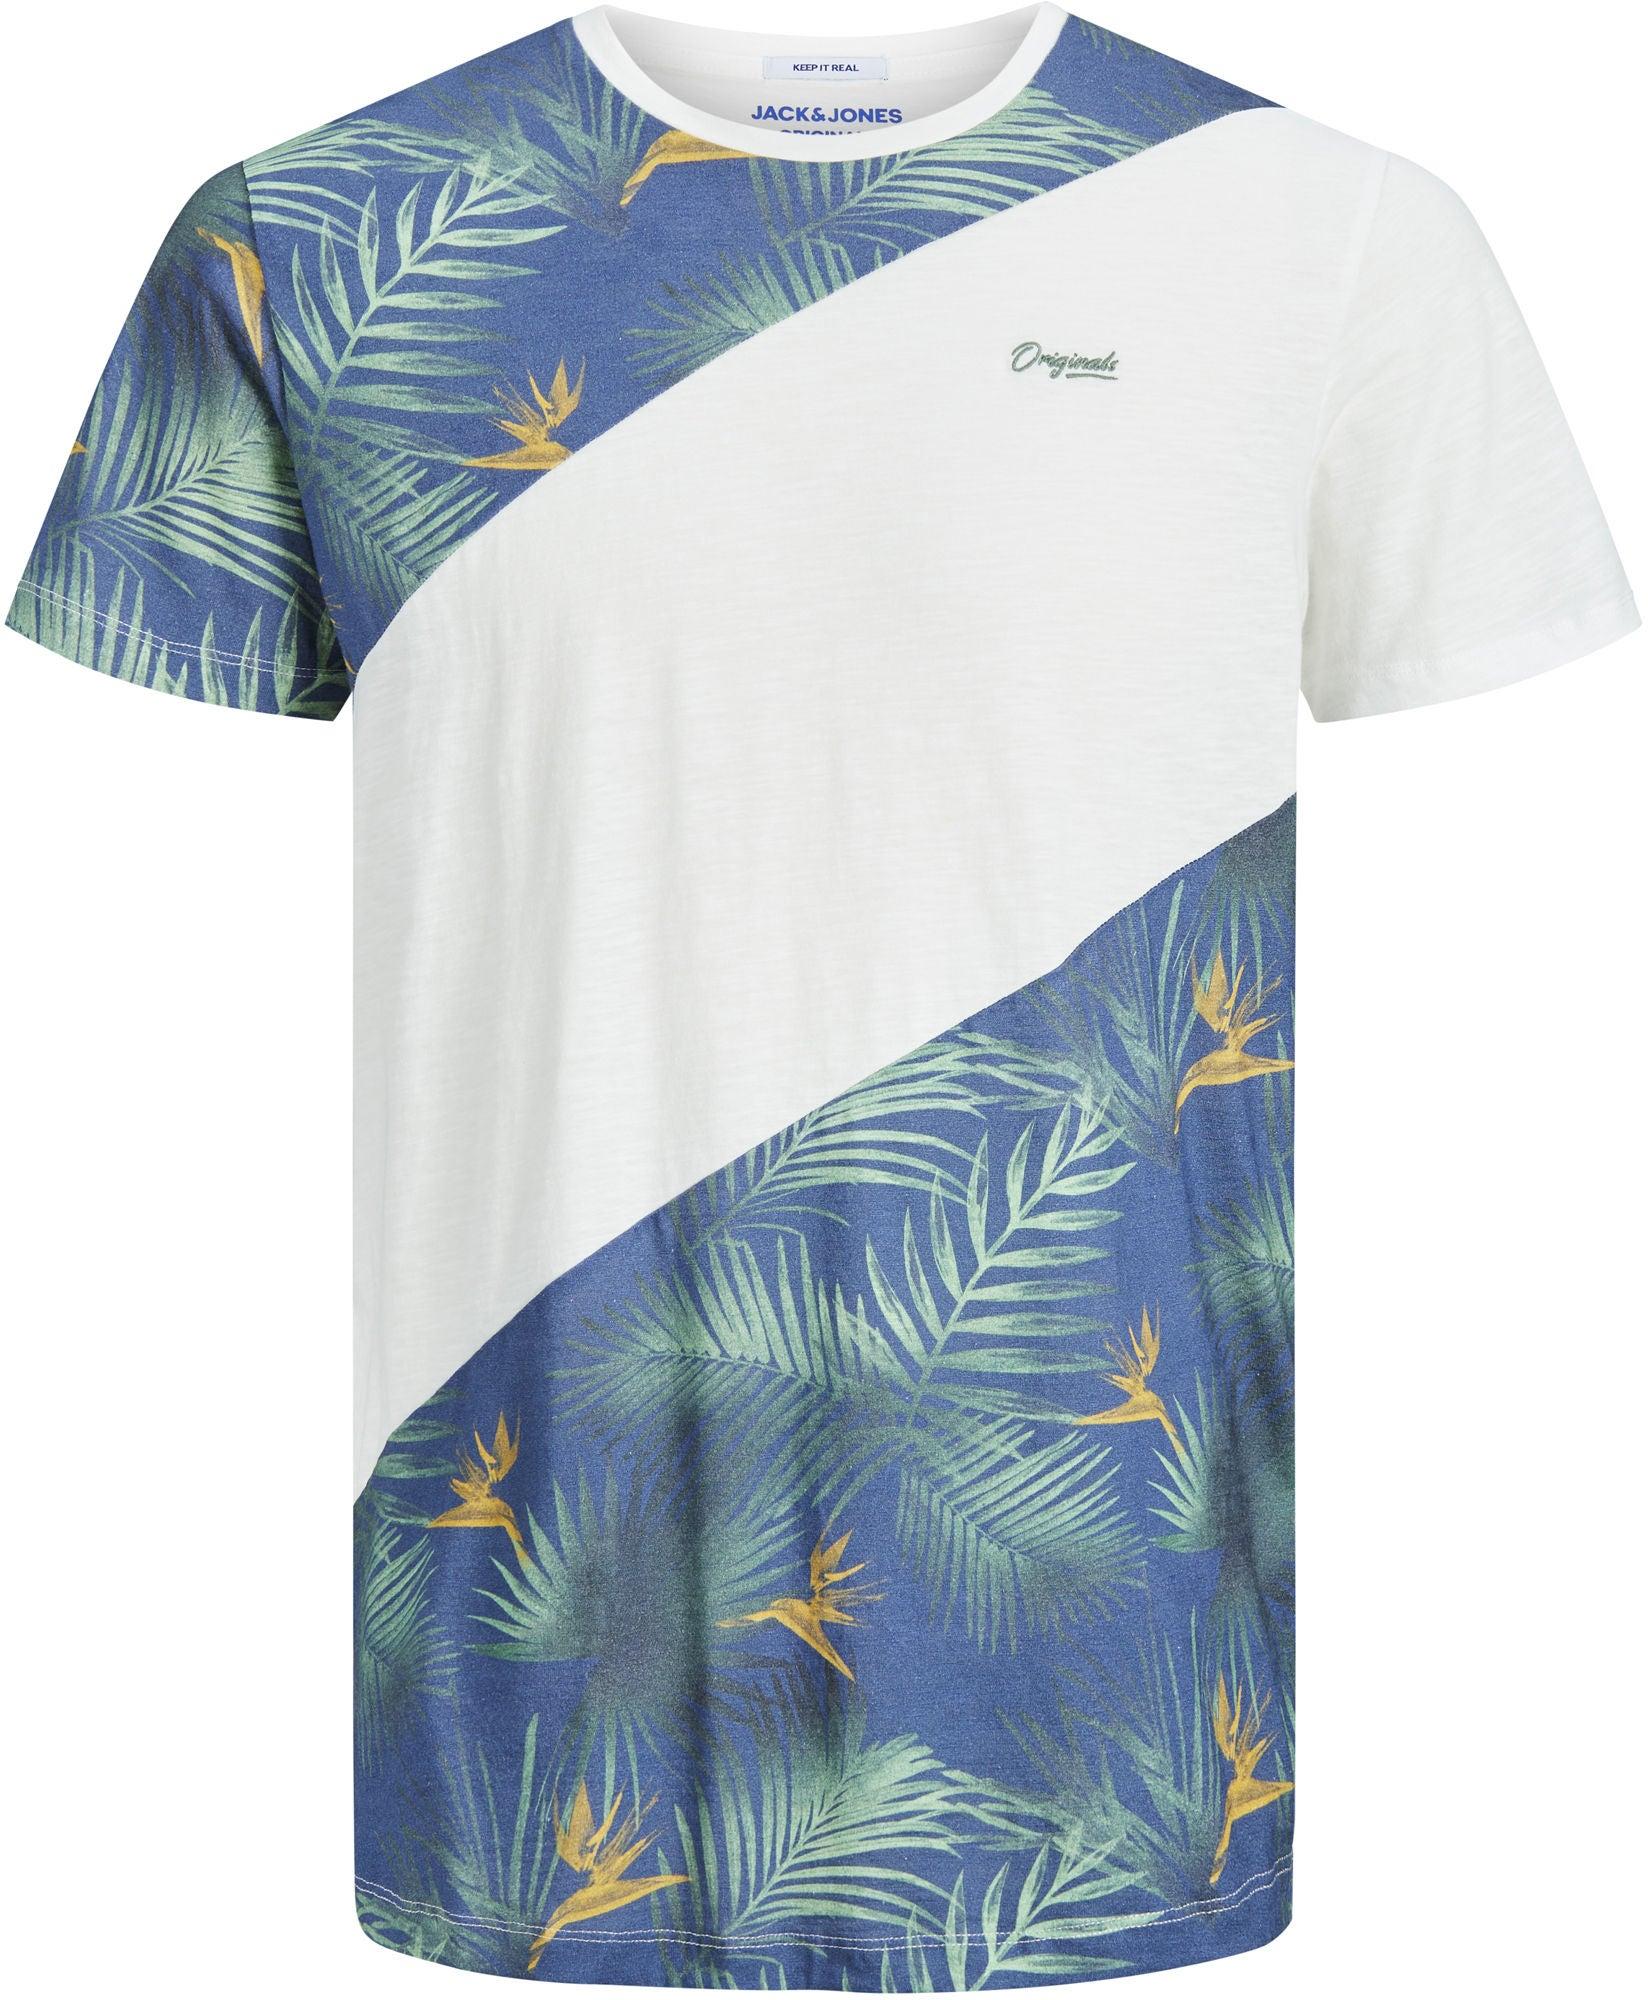 Jack & Jones Newdream T-Shirt, Cloud Dancer 176